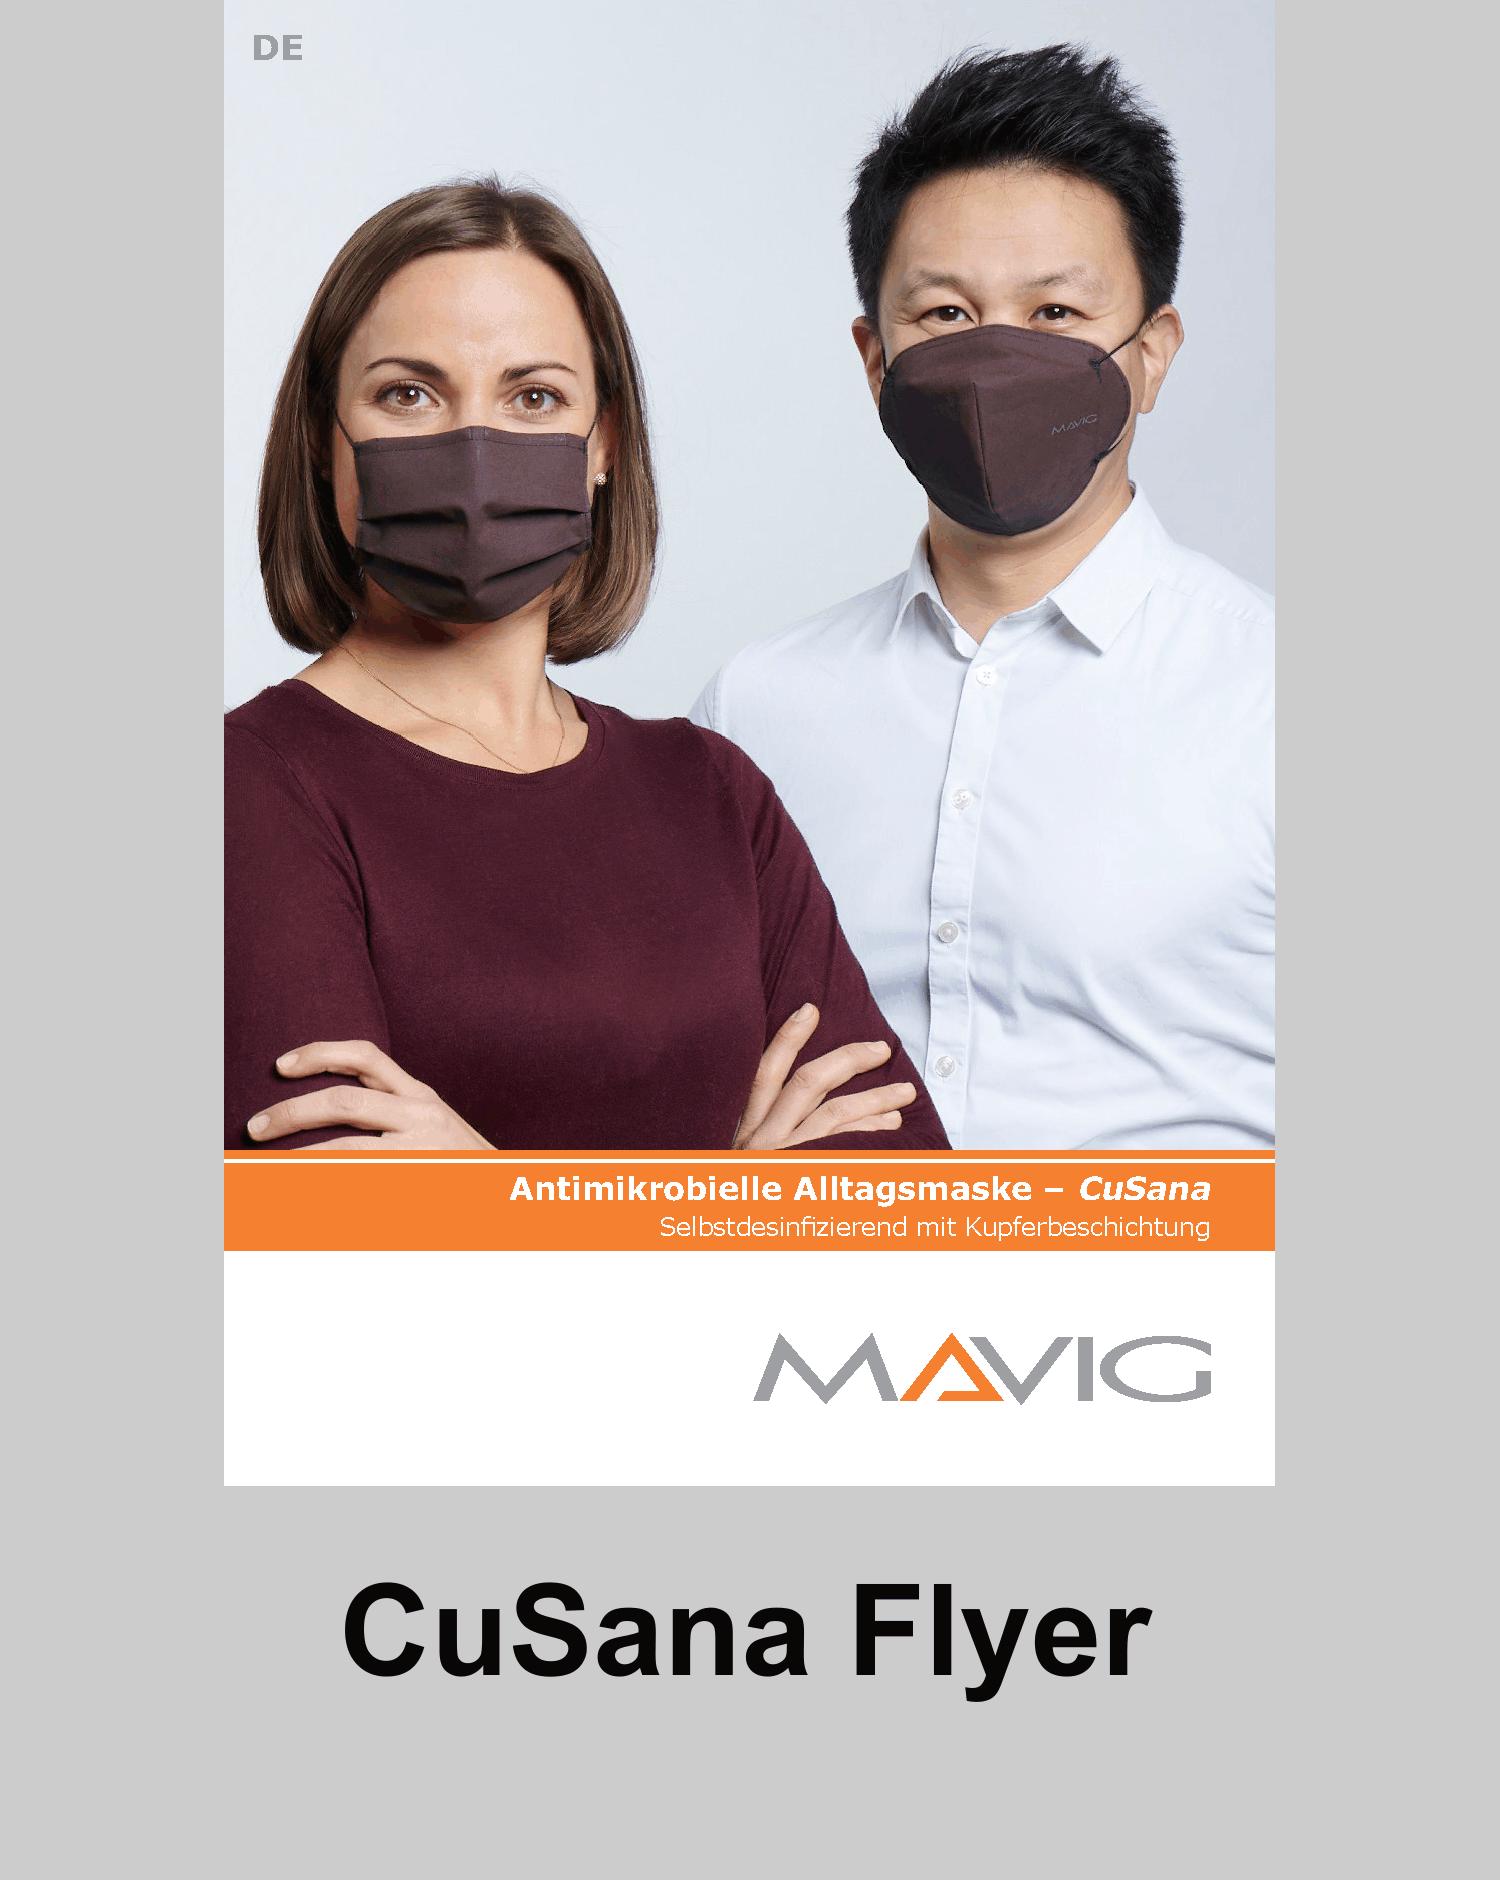 CuSana_Flyer_de_0121-1